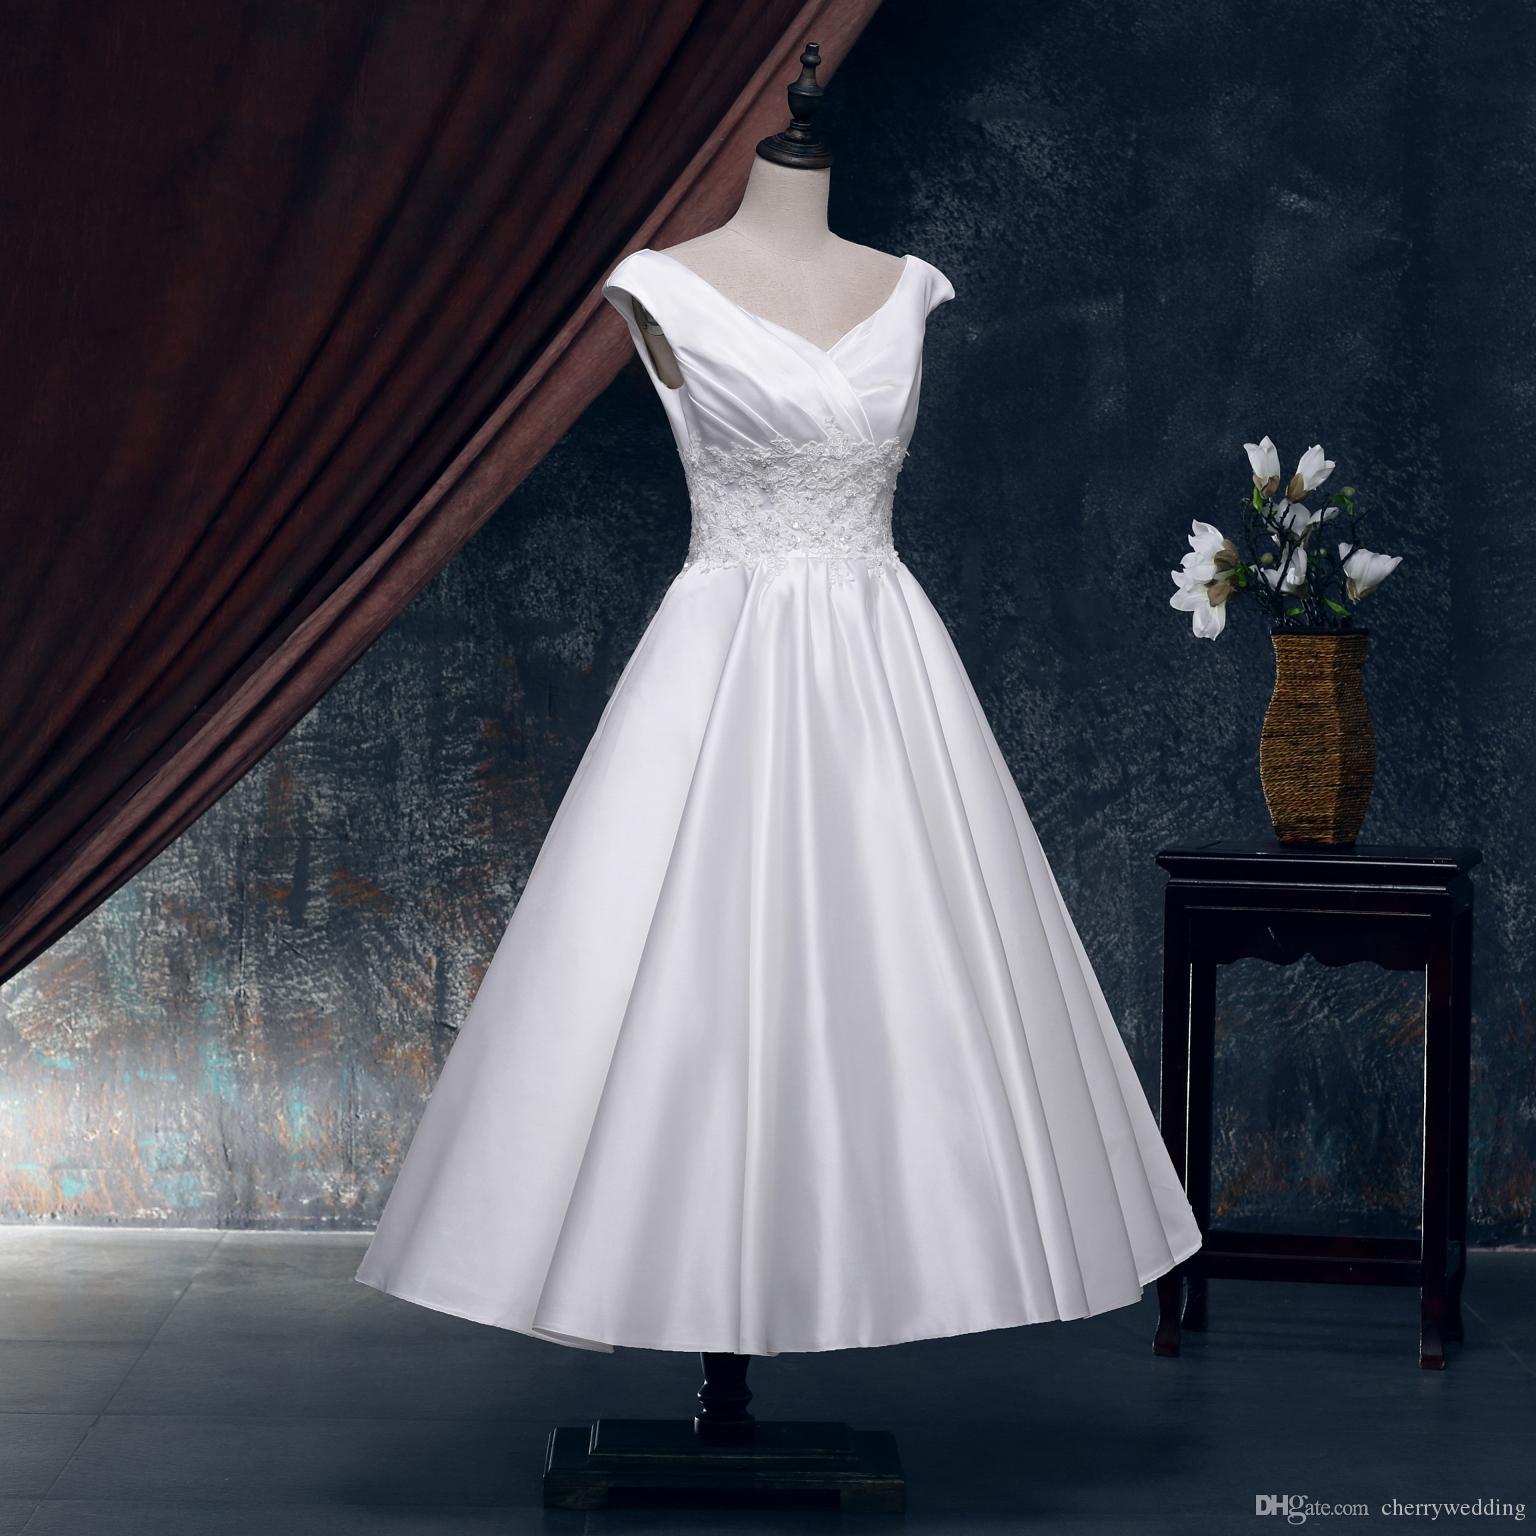 Abiti da sposa in raso di lunghezza tè da cerimonia Abito da sposa vintage con gonna a palloncino Gonna anni '50 XWJ006